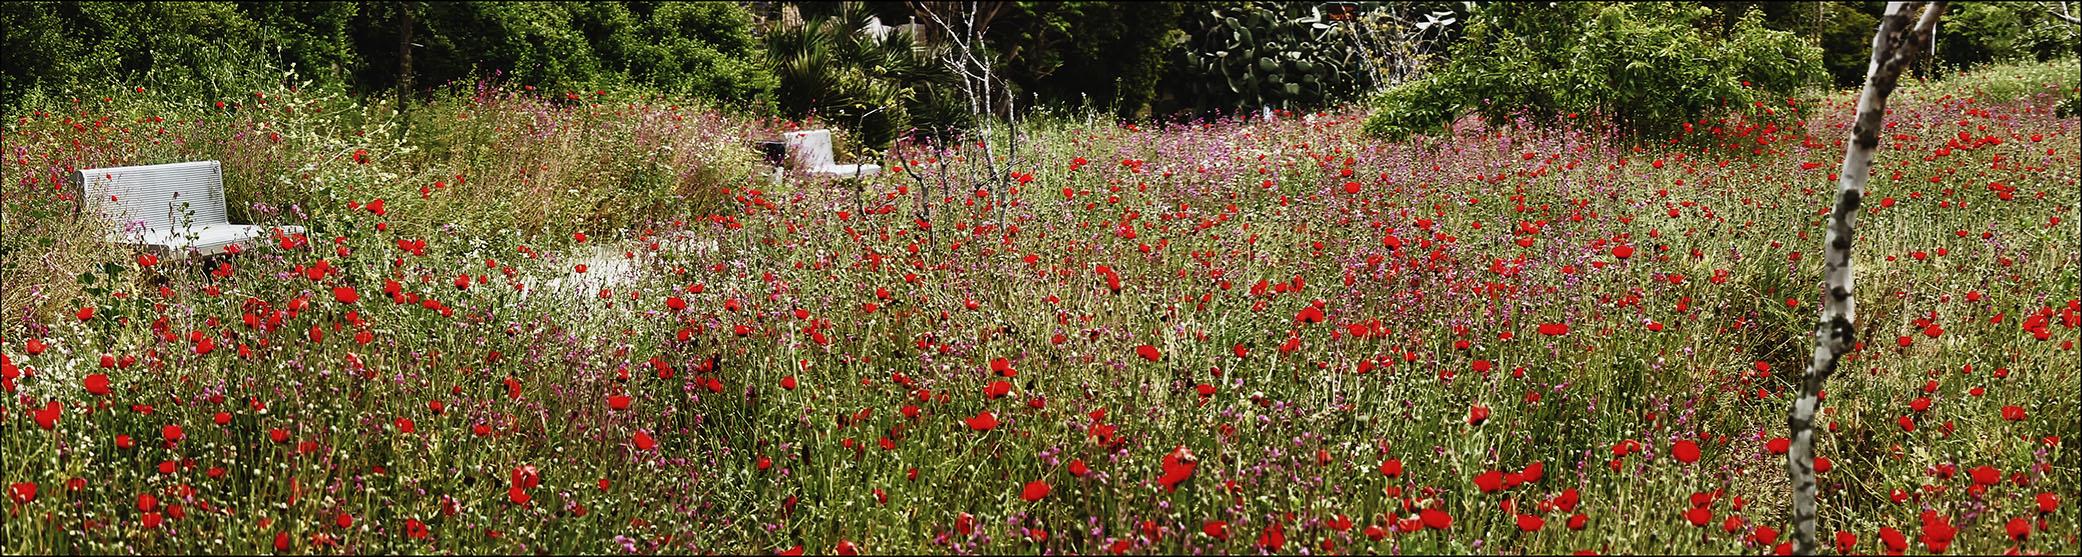 My secret garden 3.jpg